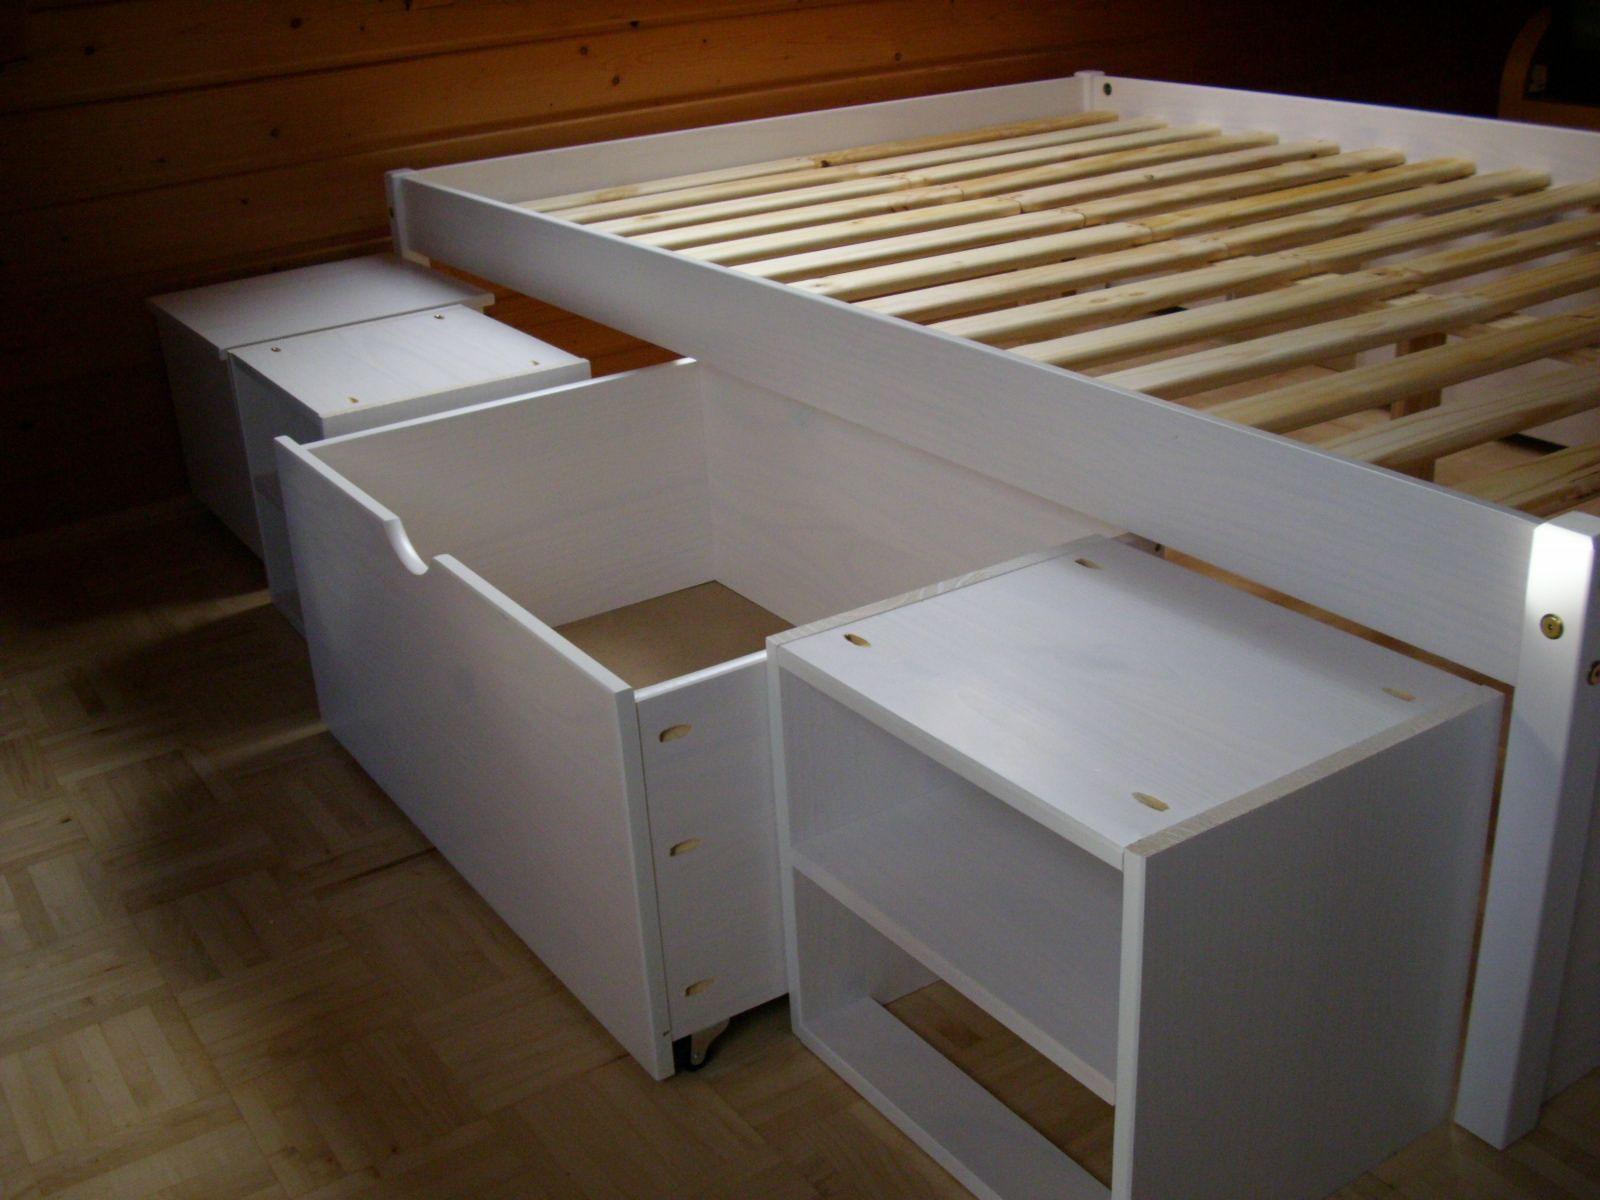 Full Size of Bett 140x200 Poco 120 Cm Breit Bambus Bette Floor Ruf Weiß 100x200 Mit Schubladen Betten Günstig Kaufen Kopfteil Selber Machen 120x190 Massiv 90x200 Hülsta Bett 1.40 Bett